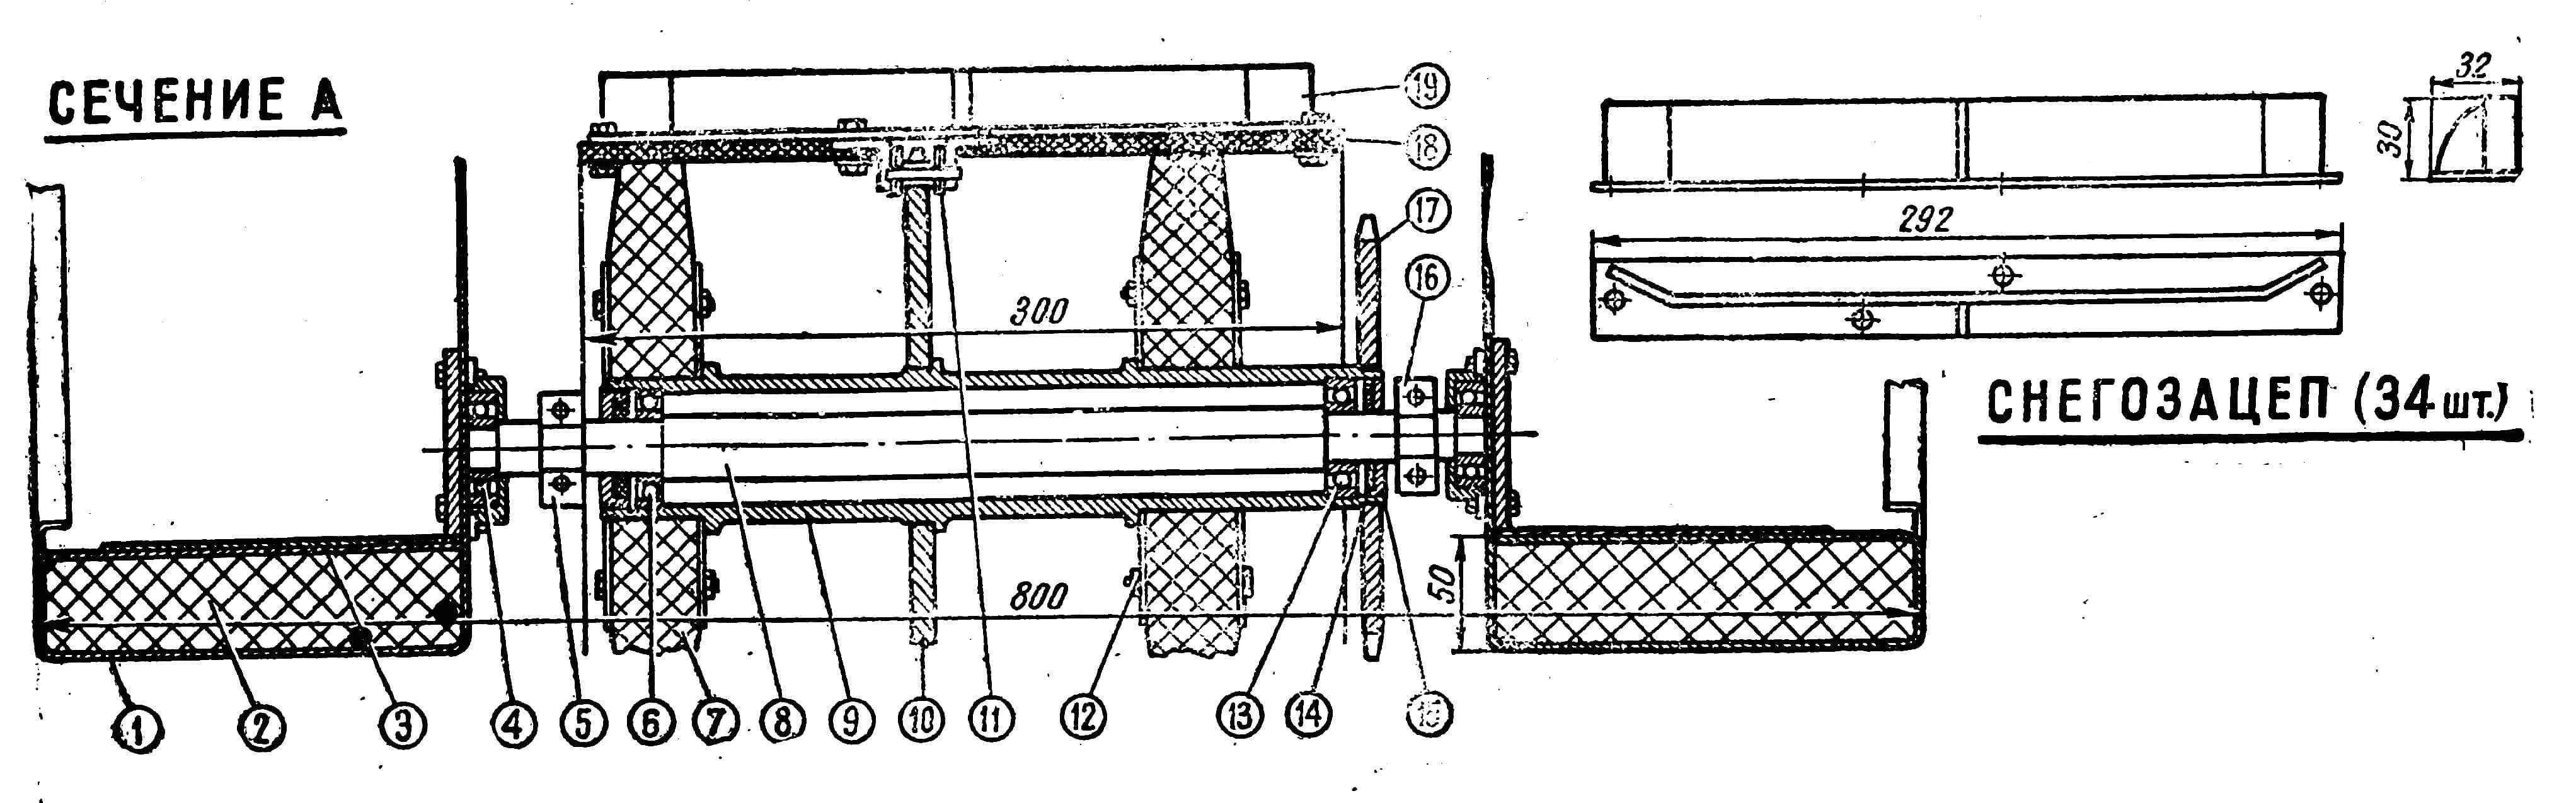 Ходовая часть снегохода и конфигурация трака: 1 — корпус; 2 — обшивка из пенопласта; 3 — рифленая обшивка; 4 — шариковый подшипник № 203; 5 — крепление рамы; 6 — шариковый подшипник № 204; 7 — вакуумная резина; 8 — передняя ось; 9 — ступица; 10 — ведомая звездочка; 11 — усиленная цепь; 12 — болт крепления накладки фрикциона; 13 — шариковый подшипник № 204; 14 — сальник; 15 — мотоциклетная звездочка; 16 — крепление рамы; 17 — зуб звездочки; 18 — транспортерная лента; 19 — трак-снегозацеп.